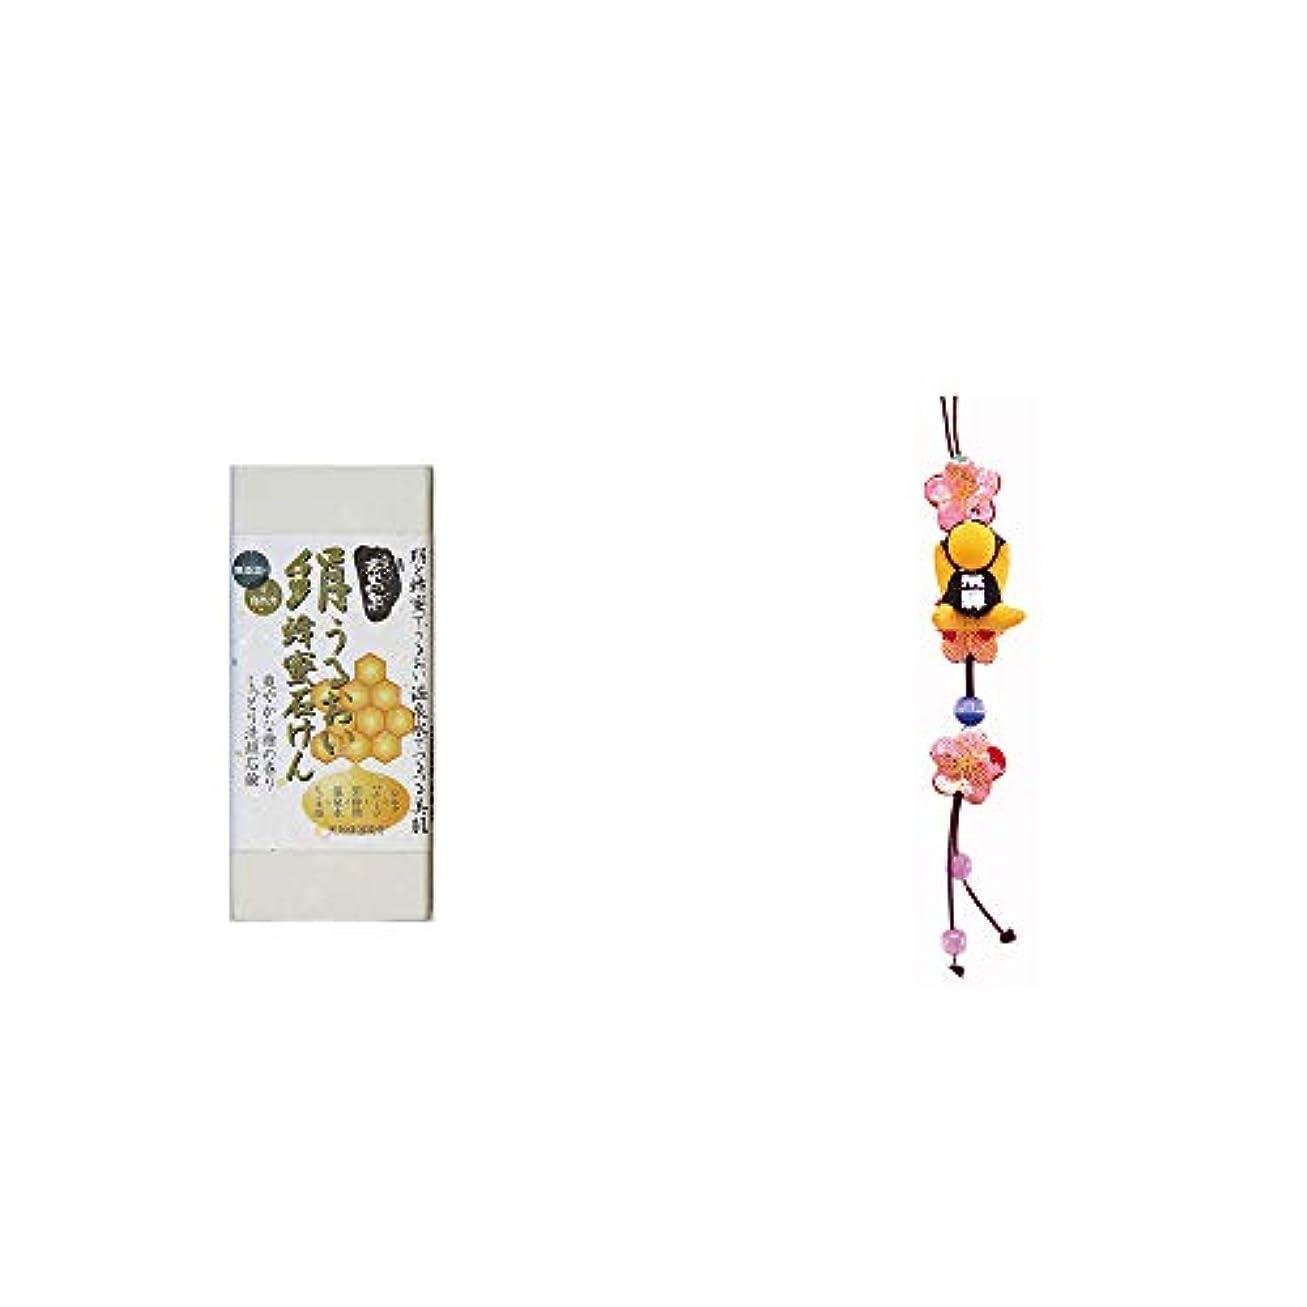 枠考えた従順な[2点セット] ひのき炭黒泉 絹うるおい蜂蜜石けん(75g×2)?豆さるぼぼ 和風ストラップ【黄】/ 縁結び?魔除け //